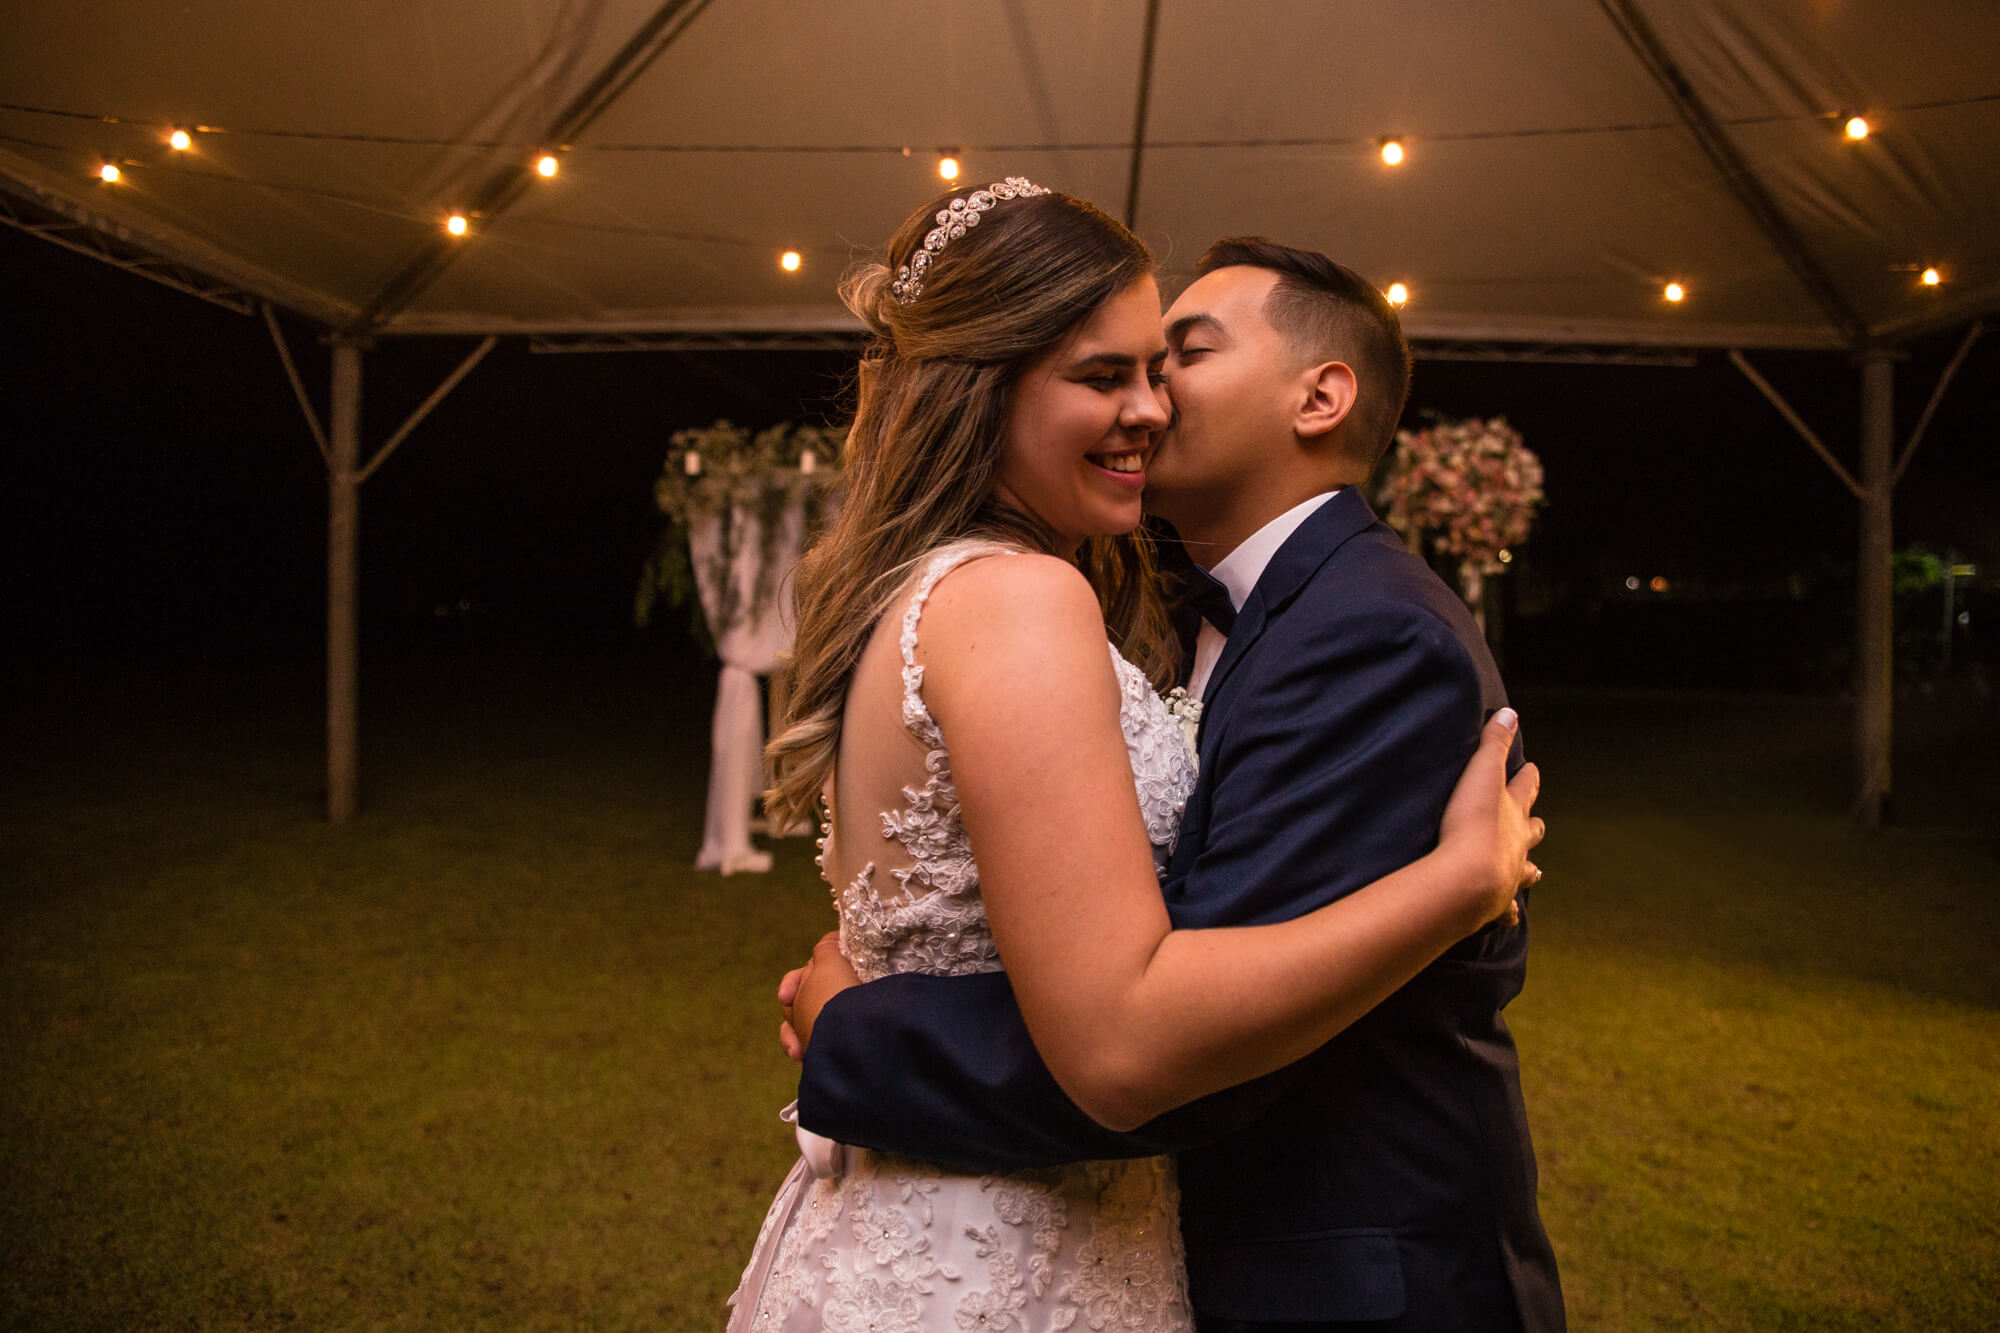 casamento noite varal de luzes